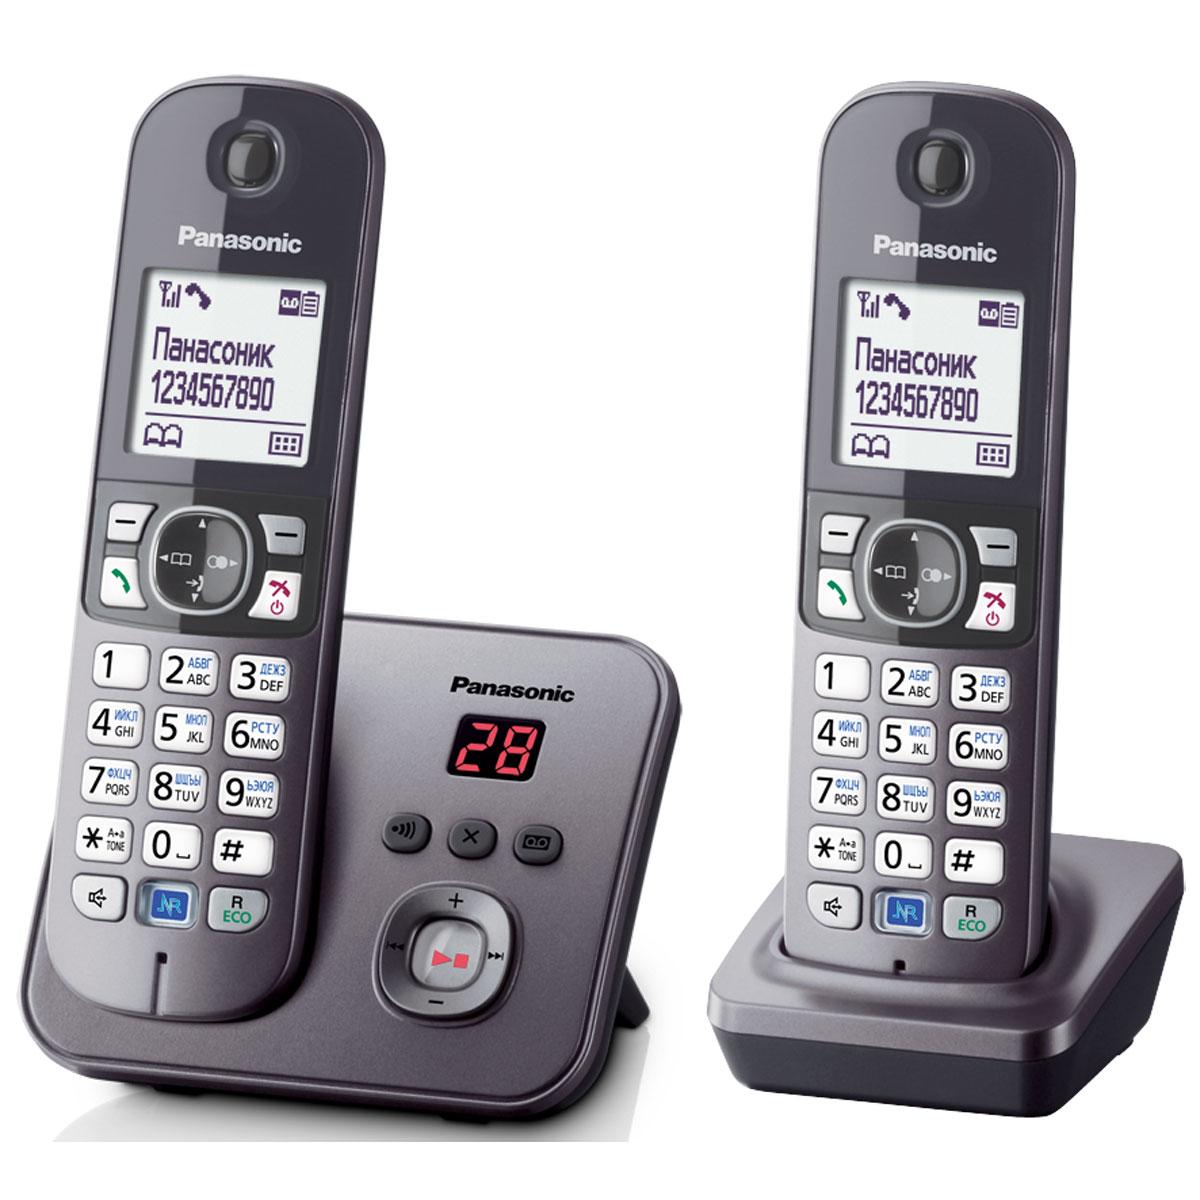 Panasonic KX-TG6822 RUM DECT телефонKX-TG6822RUMDECT телефон Panasonic KX-TG6822RUM.Функция радионяня - вы можете осуществлять акустический контроль помещения, например, детской из других комнат в доме - одна трубка устанавливается рядом с ребенком, а вторая - у родителей.Снижение фонового шума позволяет улучшить качество связи.Panasonic KX-TG6822RUM имеет в комплекте дополнительную трубку.блокировка клавиатурырусифицированное менючасы, дата на дисплеебудильник с повторным сигналом и установкой по дням неделиповторный набор